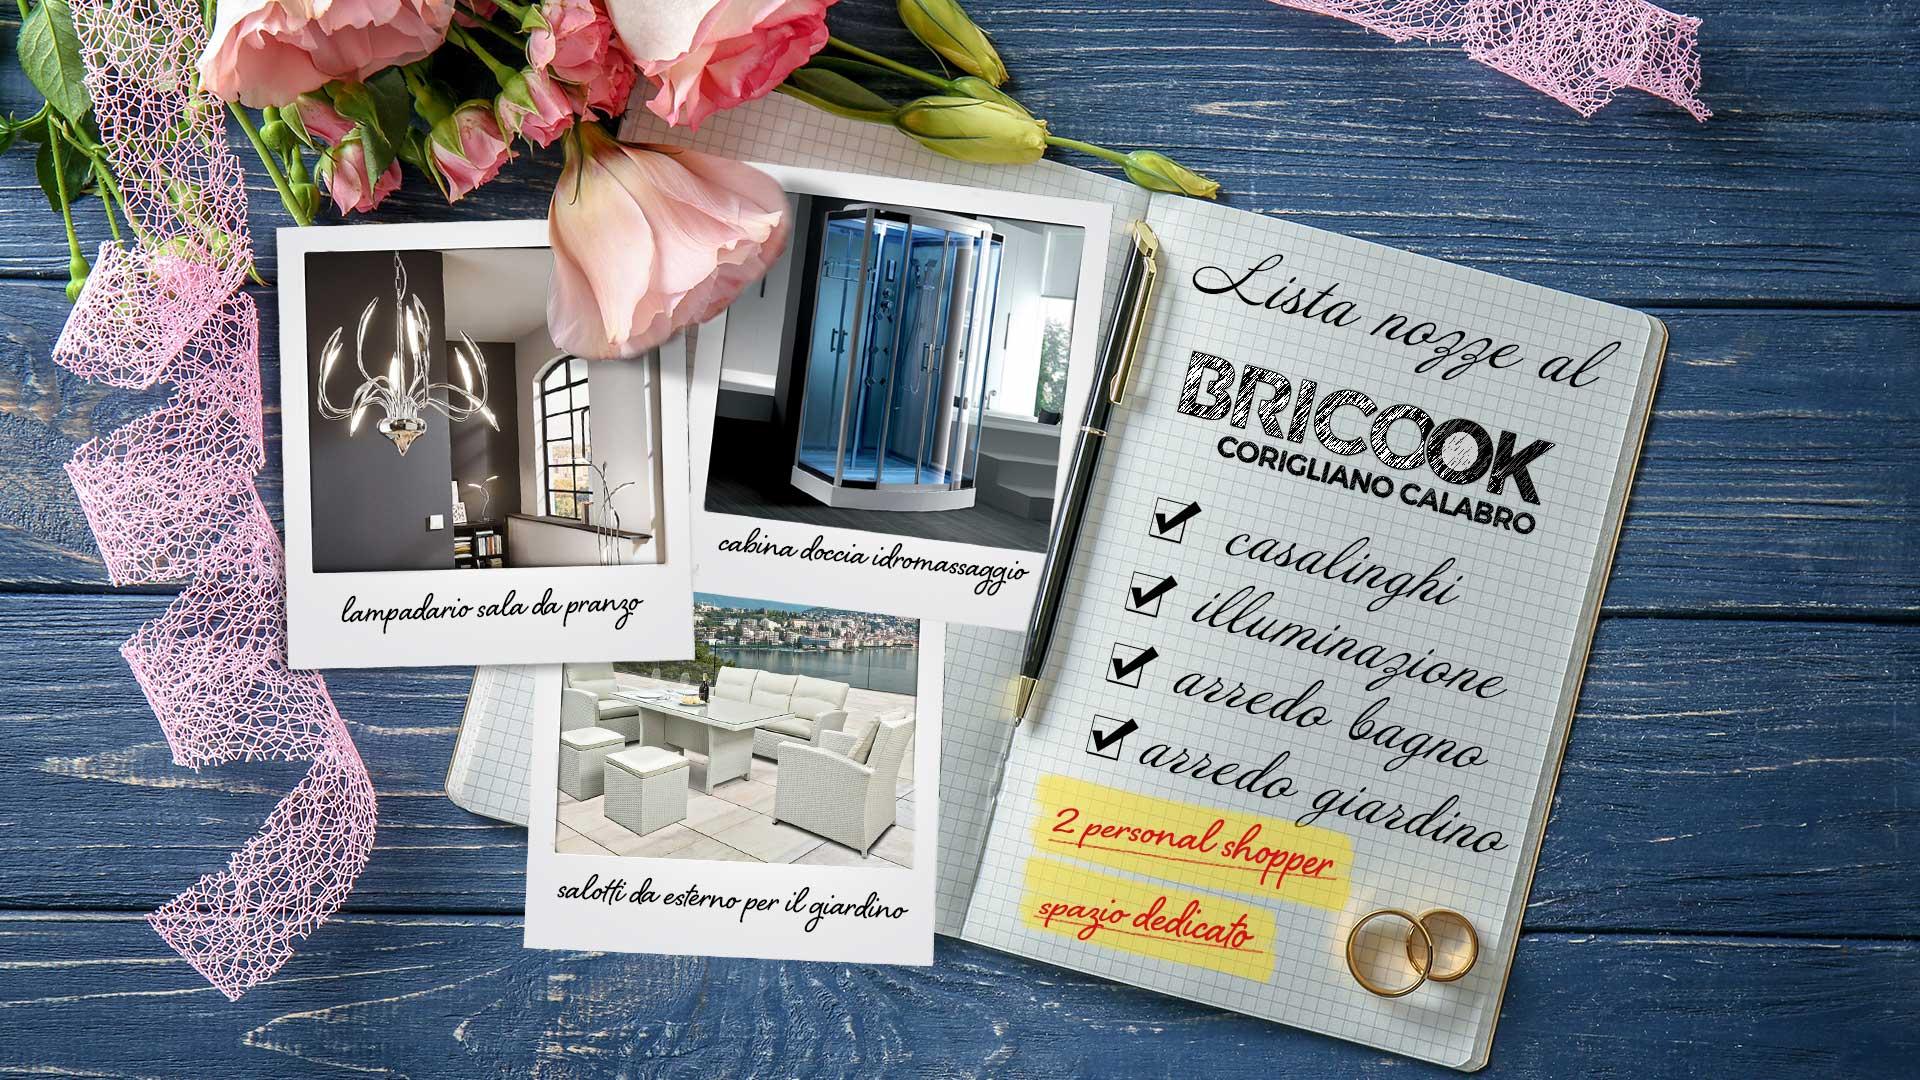 immagine in evidenza della pagina Lista nozze al Brico OK